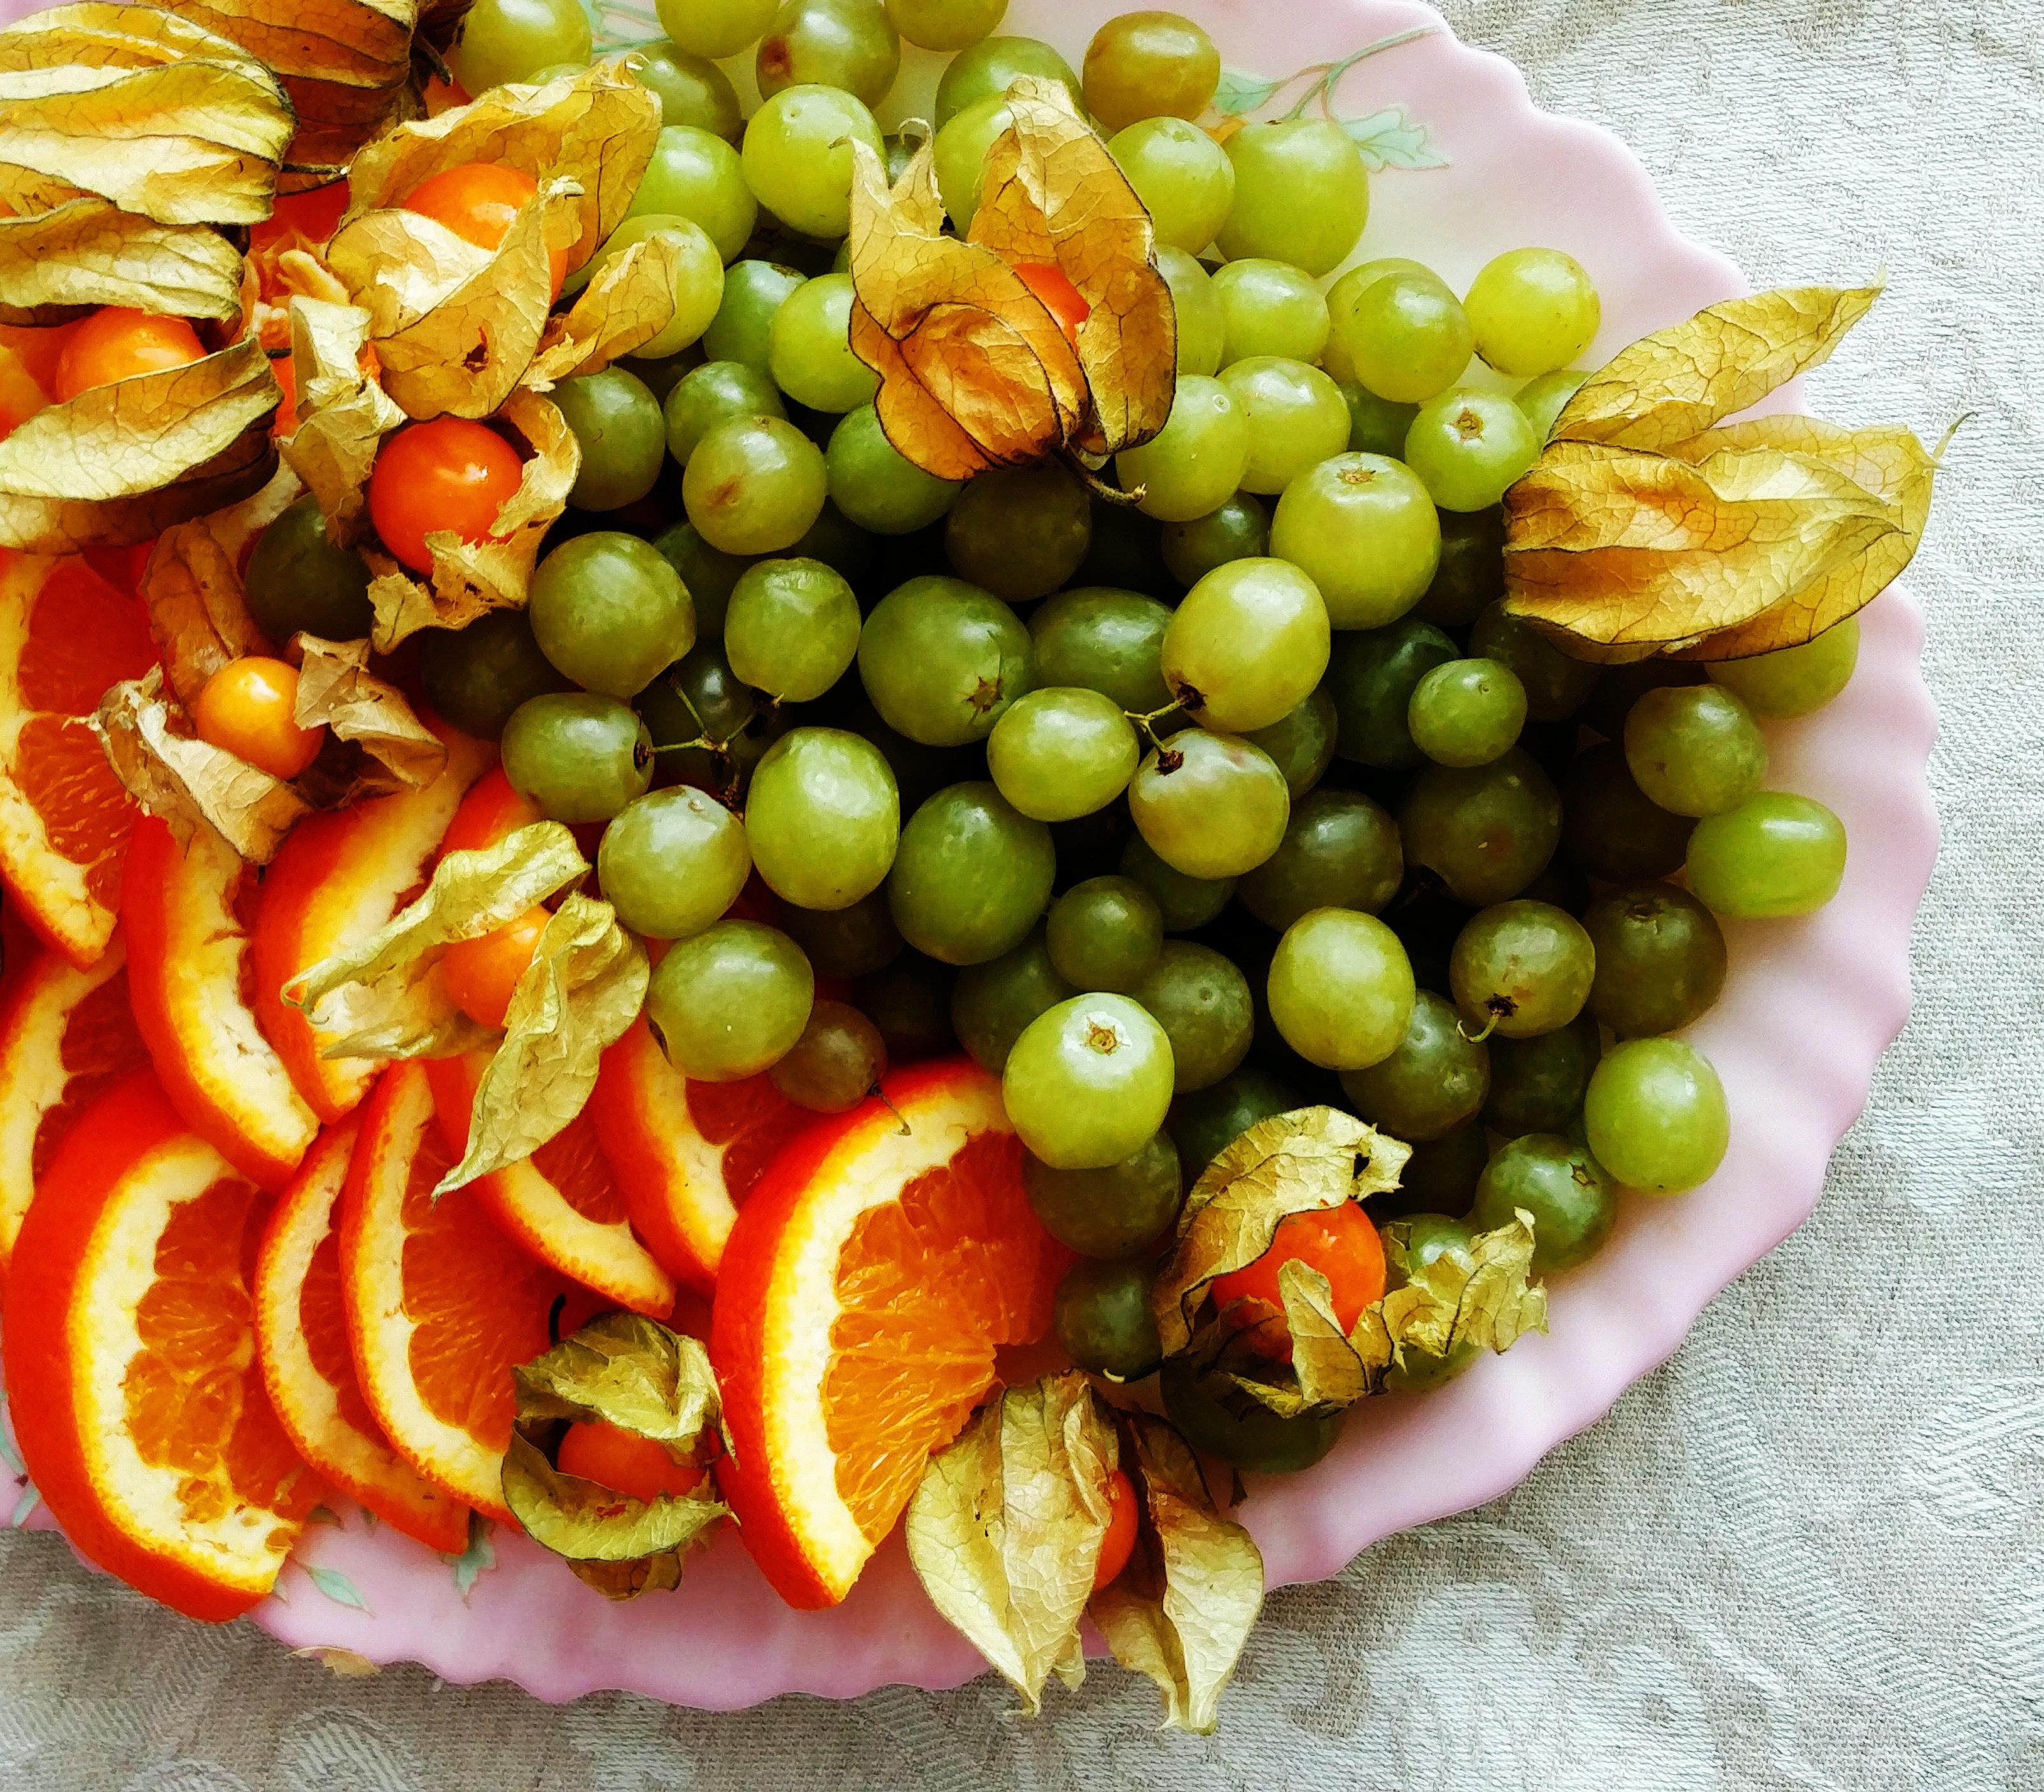 Imagine De Stoc Gratuită Cu Amestec De Fructe Cină Colorat